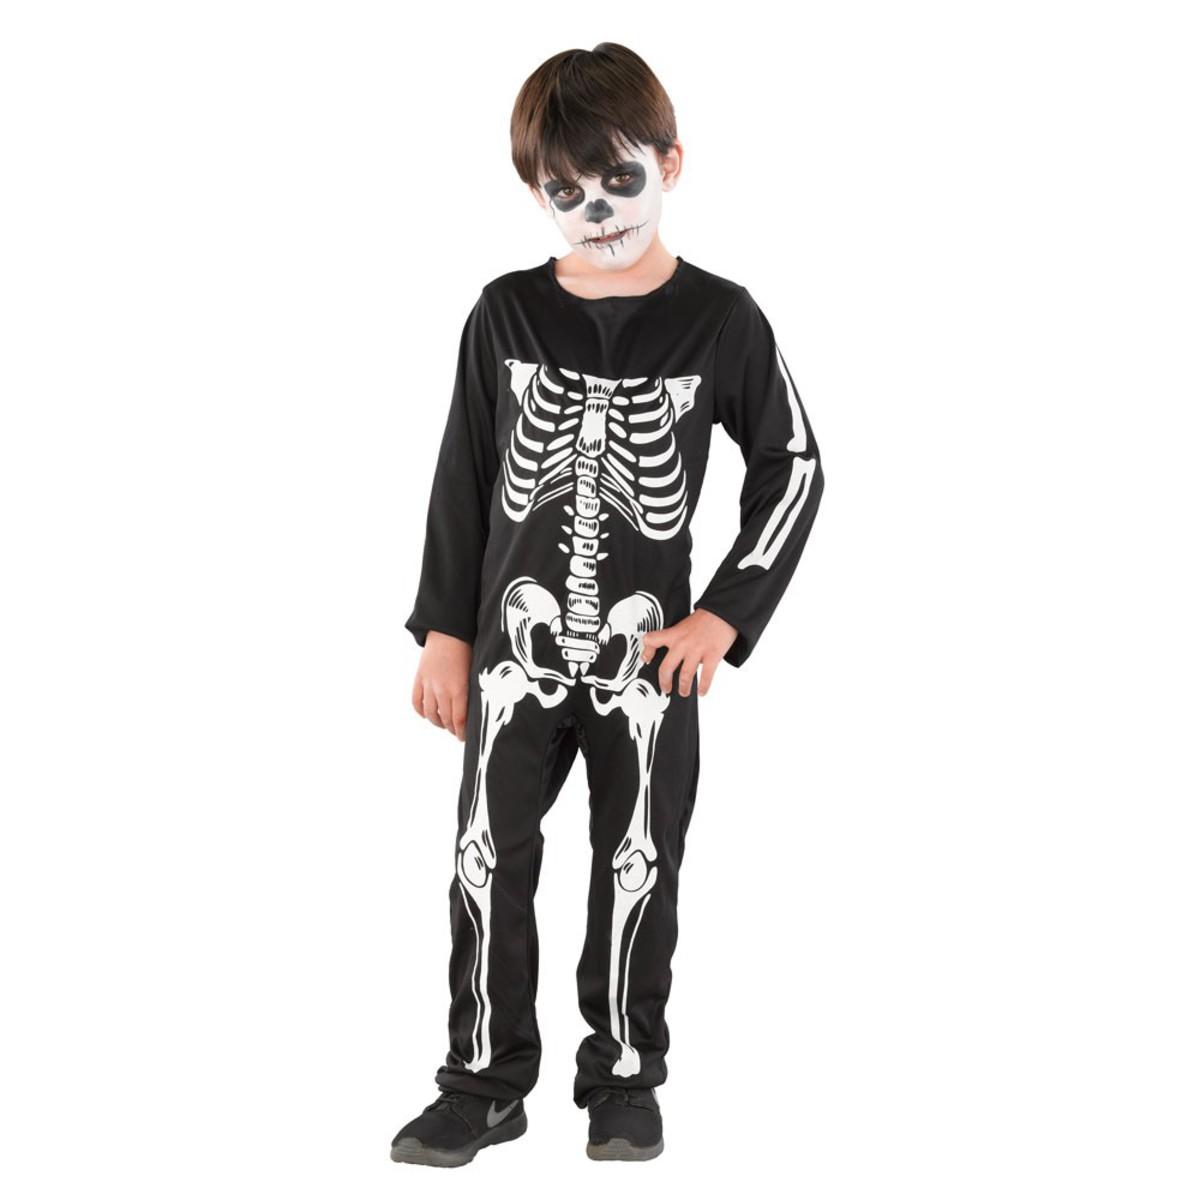 Bild 2 von Halloween Kinderkostüm Skelett Junge